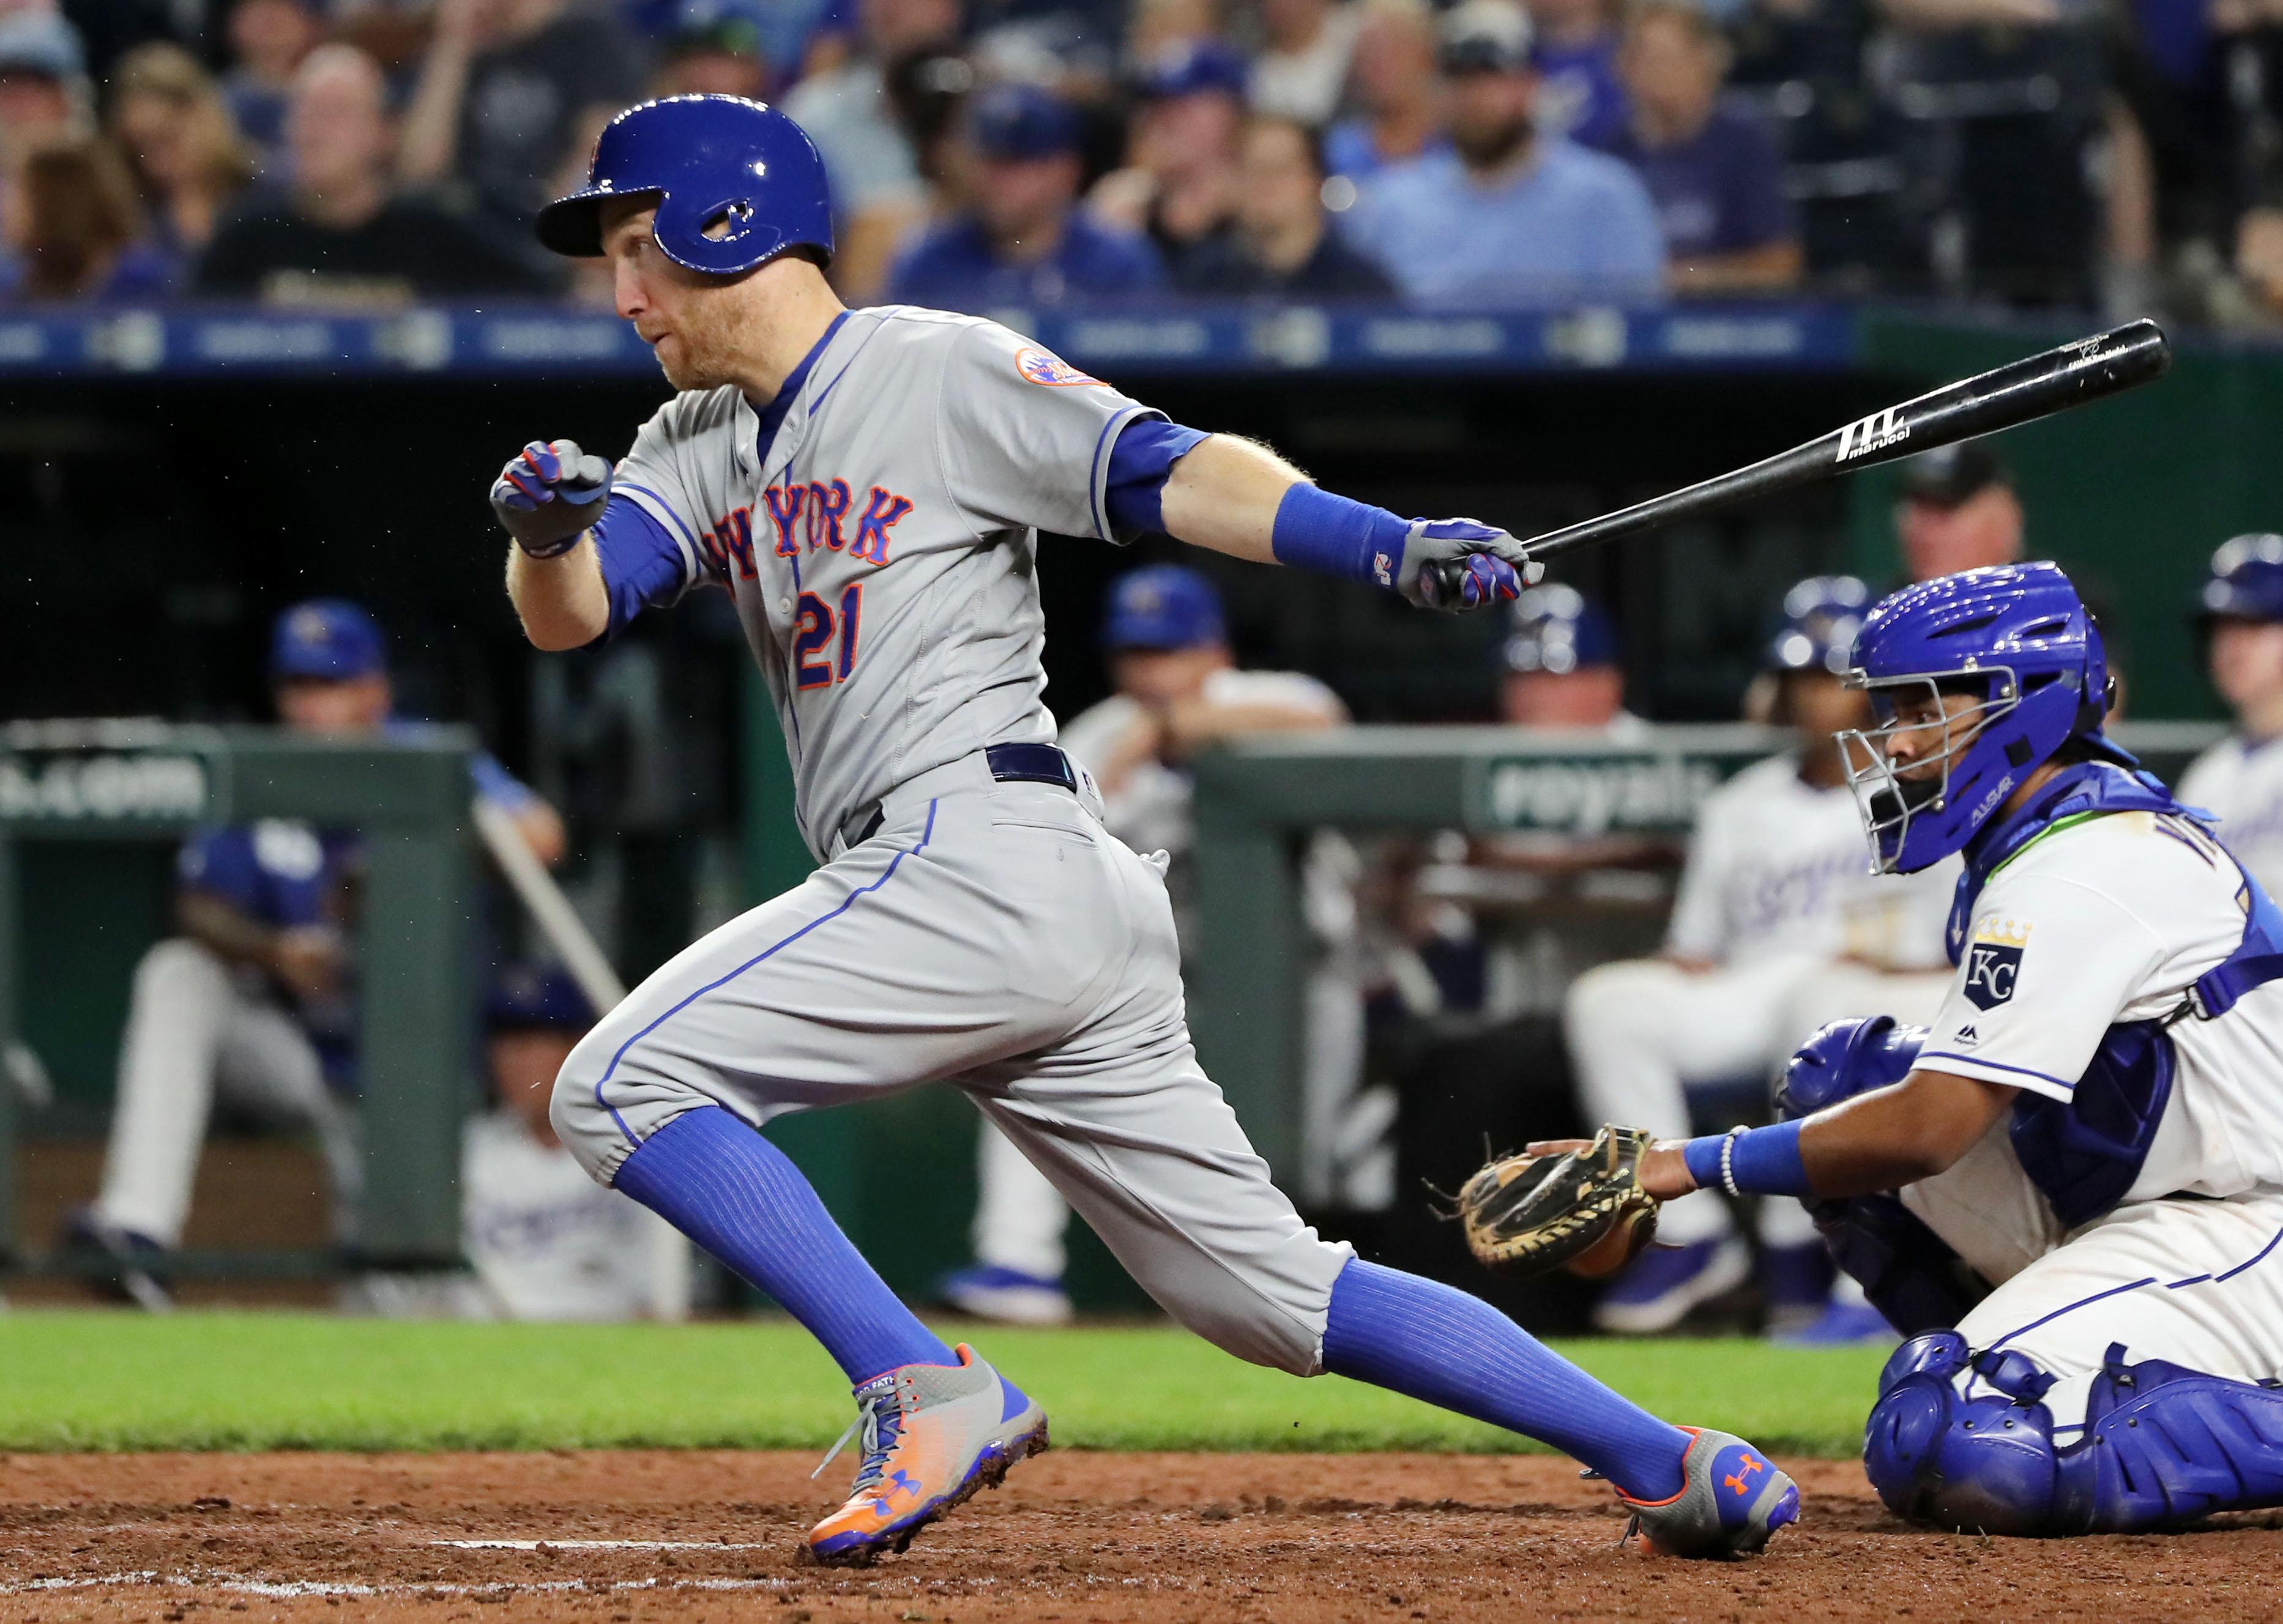 8/17/19 Game Preview: New York Mets at Kansas City Royals